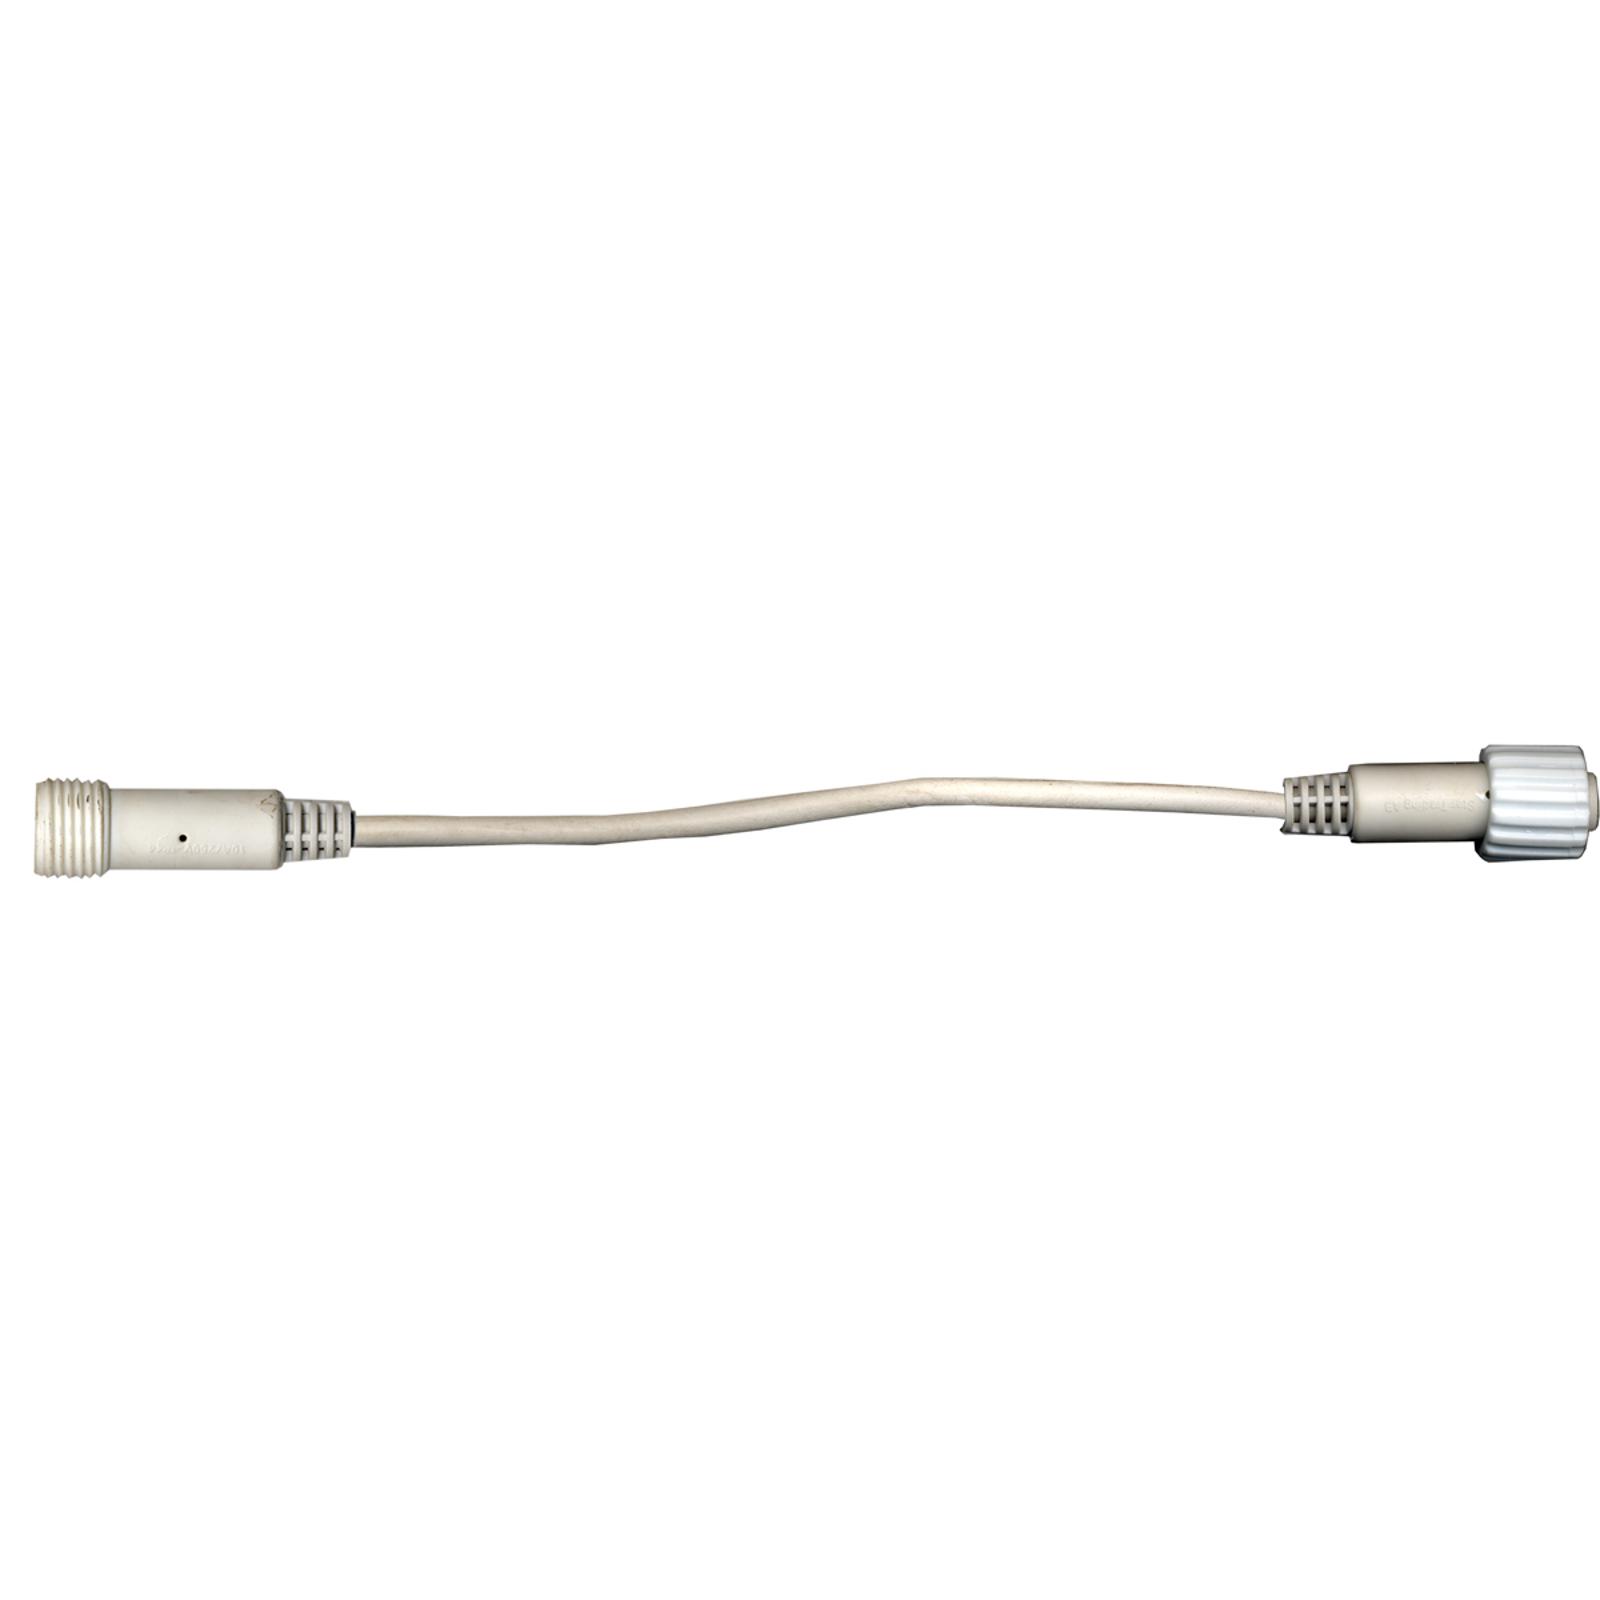 Kabel połączeniowy do LED 1522448 5 metrów